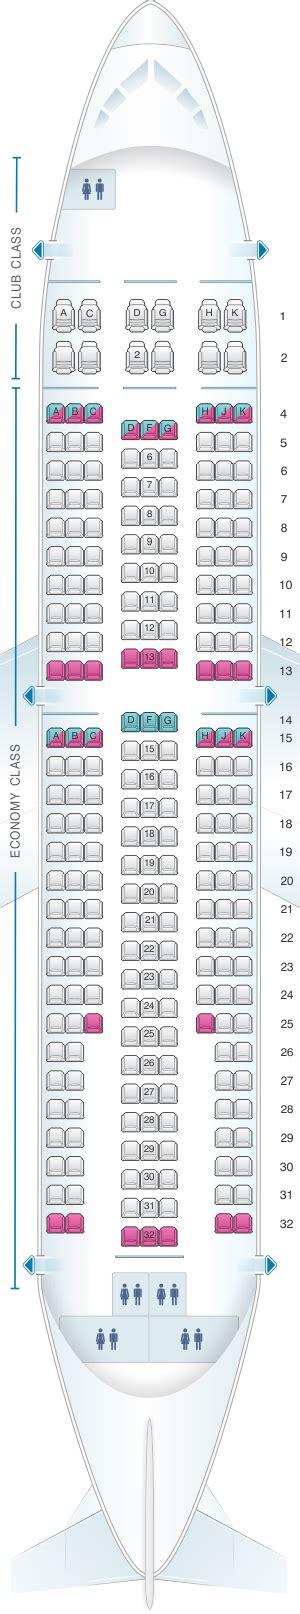 seat map air transat airbus a310 300 seatmaestro